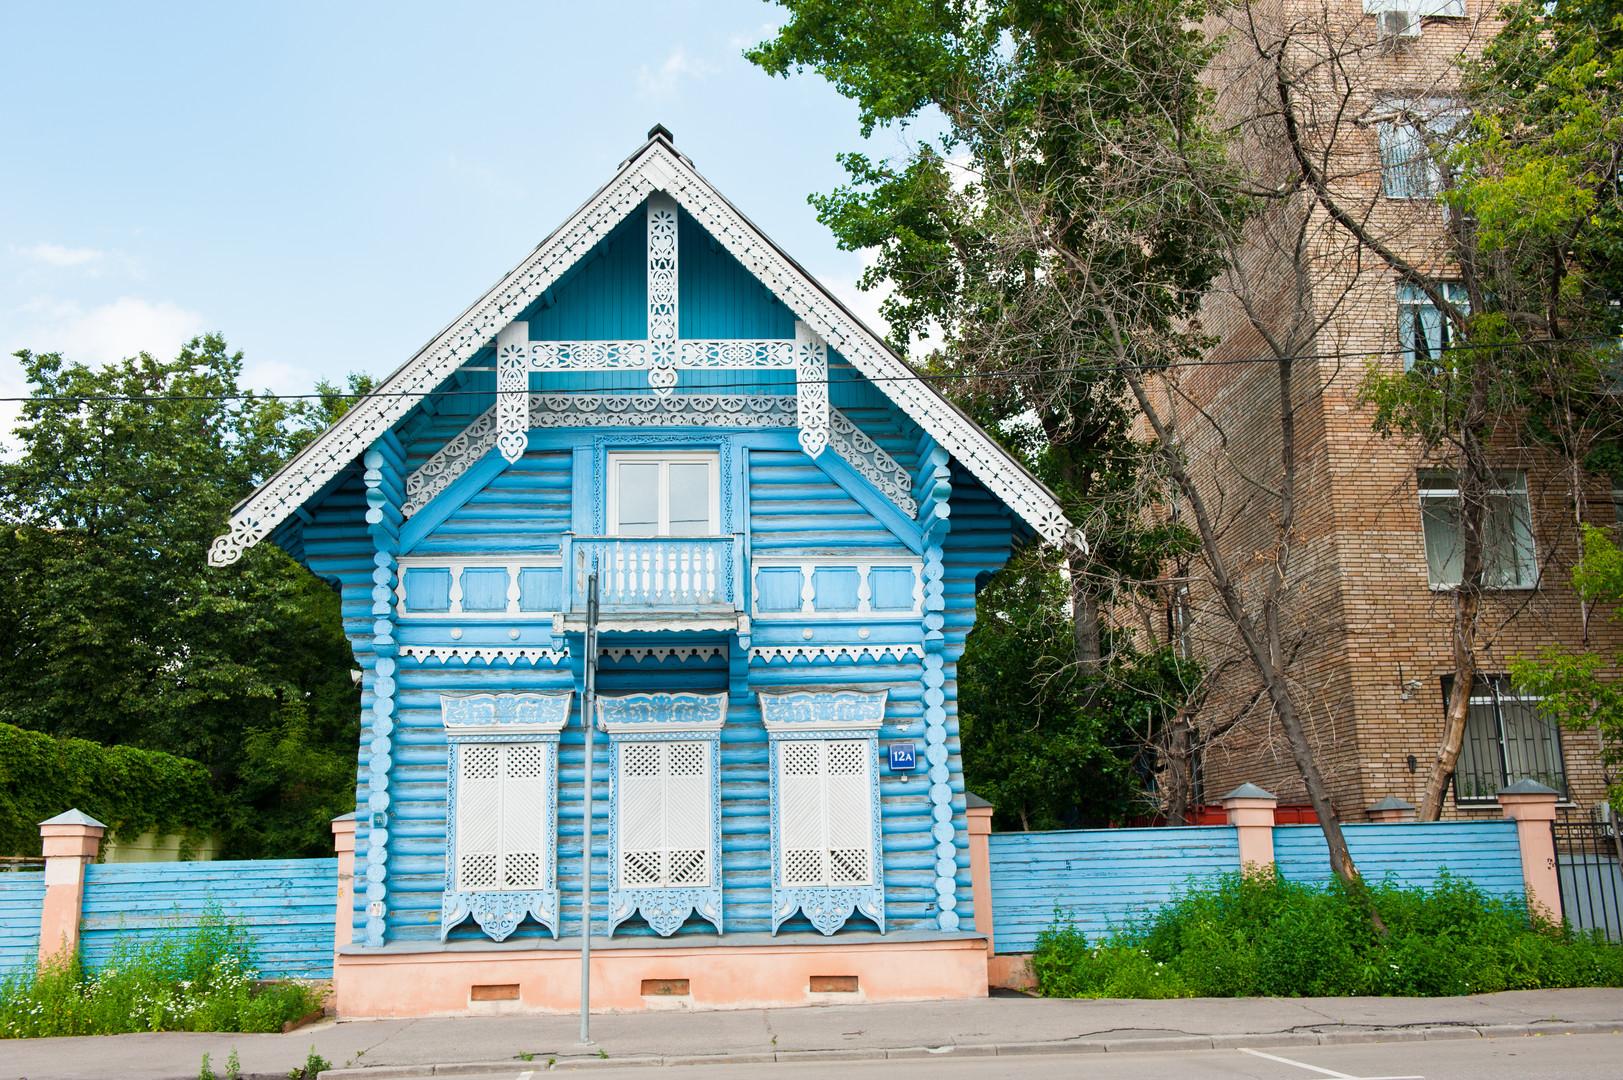 Genial Russisches Holzhaus Beste Wahl Das Pogodin- Auf Der Gleichnamigen Straße In